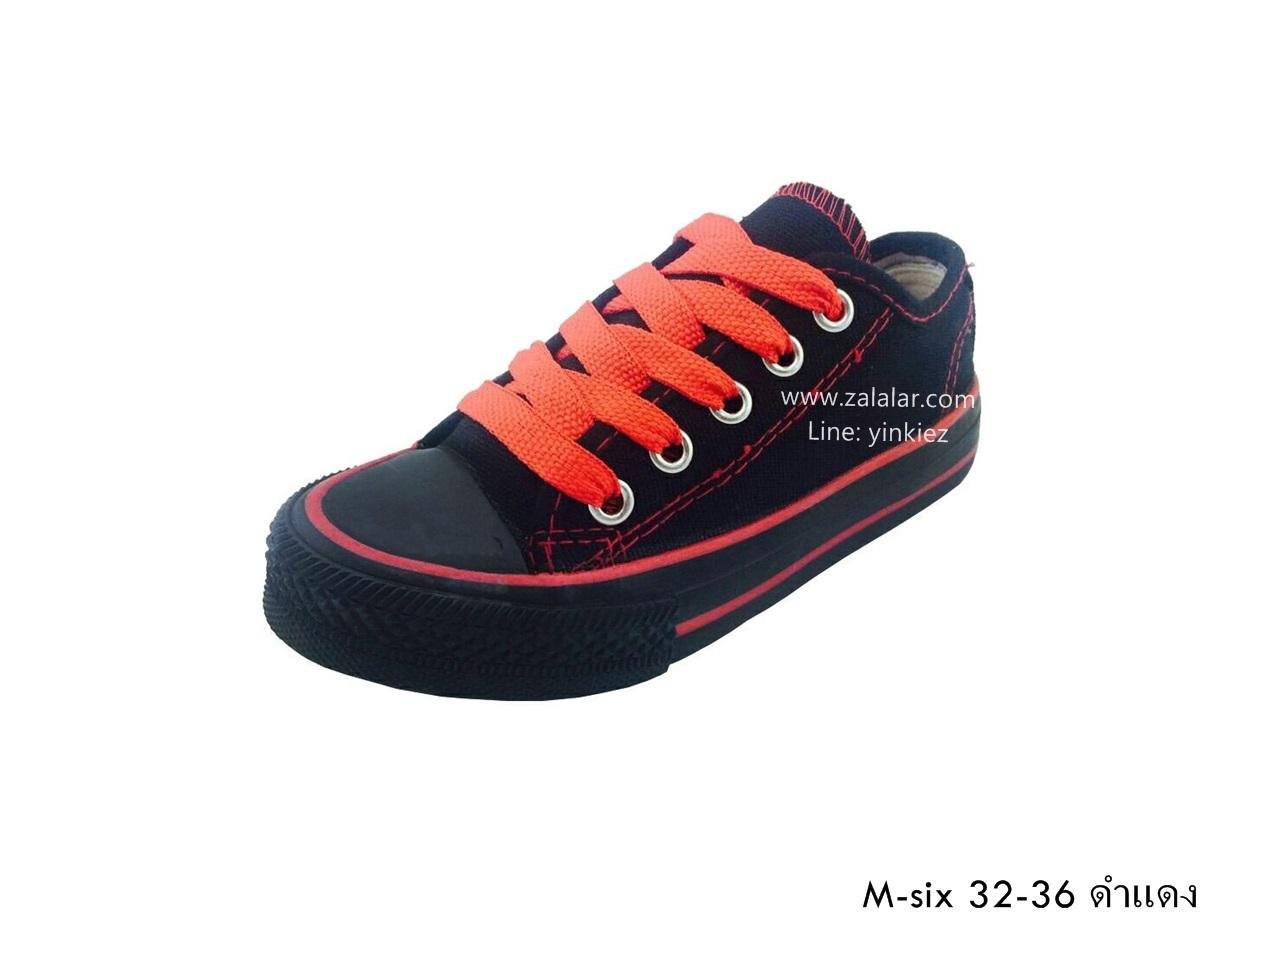 [พร้อมส่ง] รองเท้าผ้าใบเด็กแฟชั่น รุ่น M-six สีดำแดง